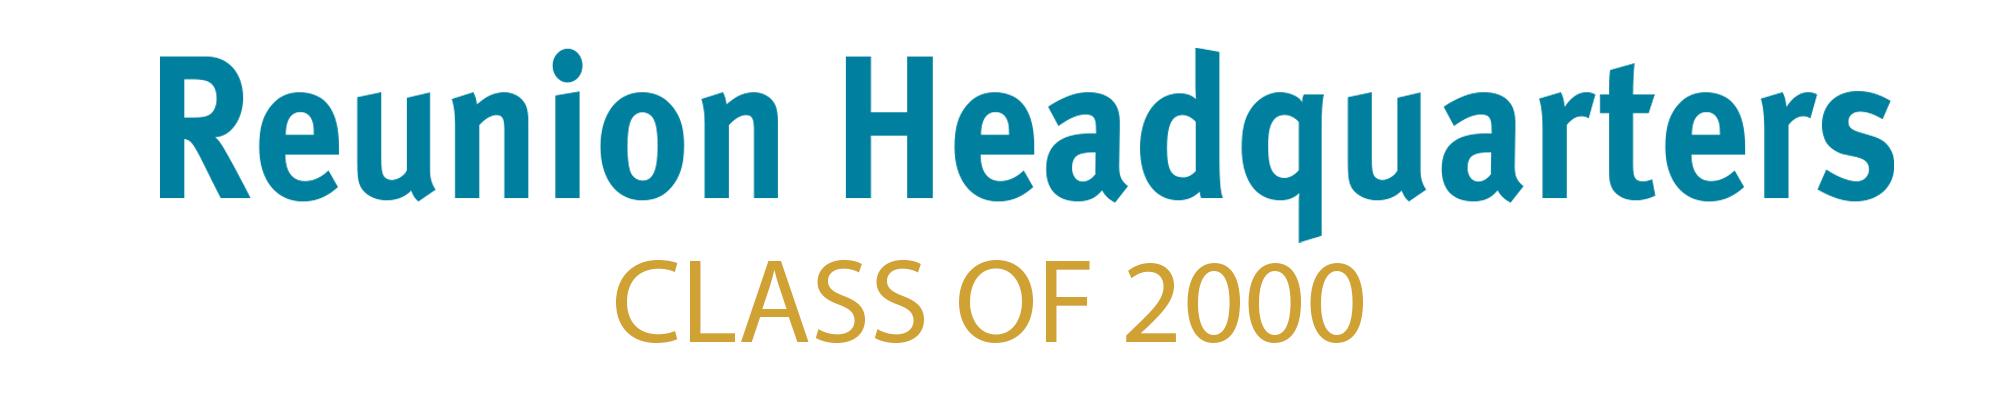 Class of 2000 Header